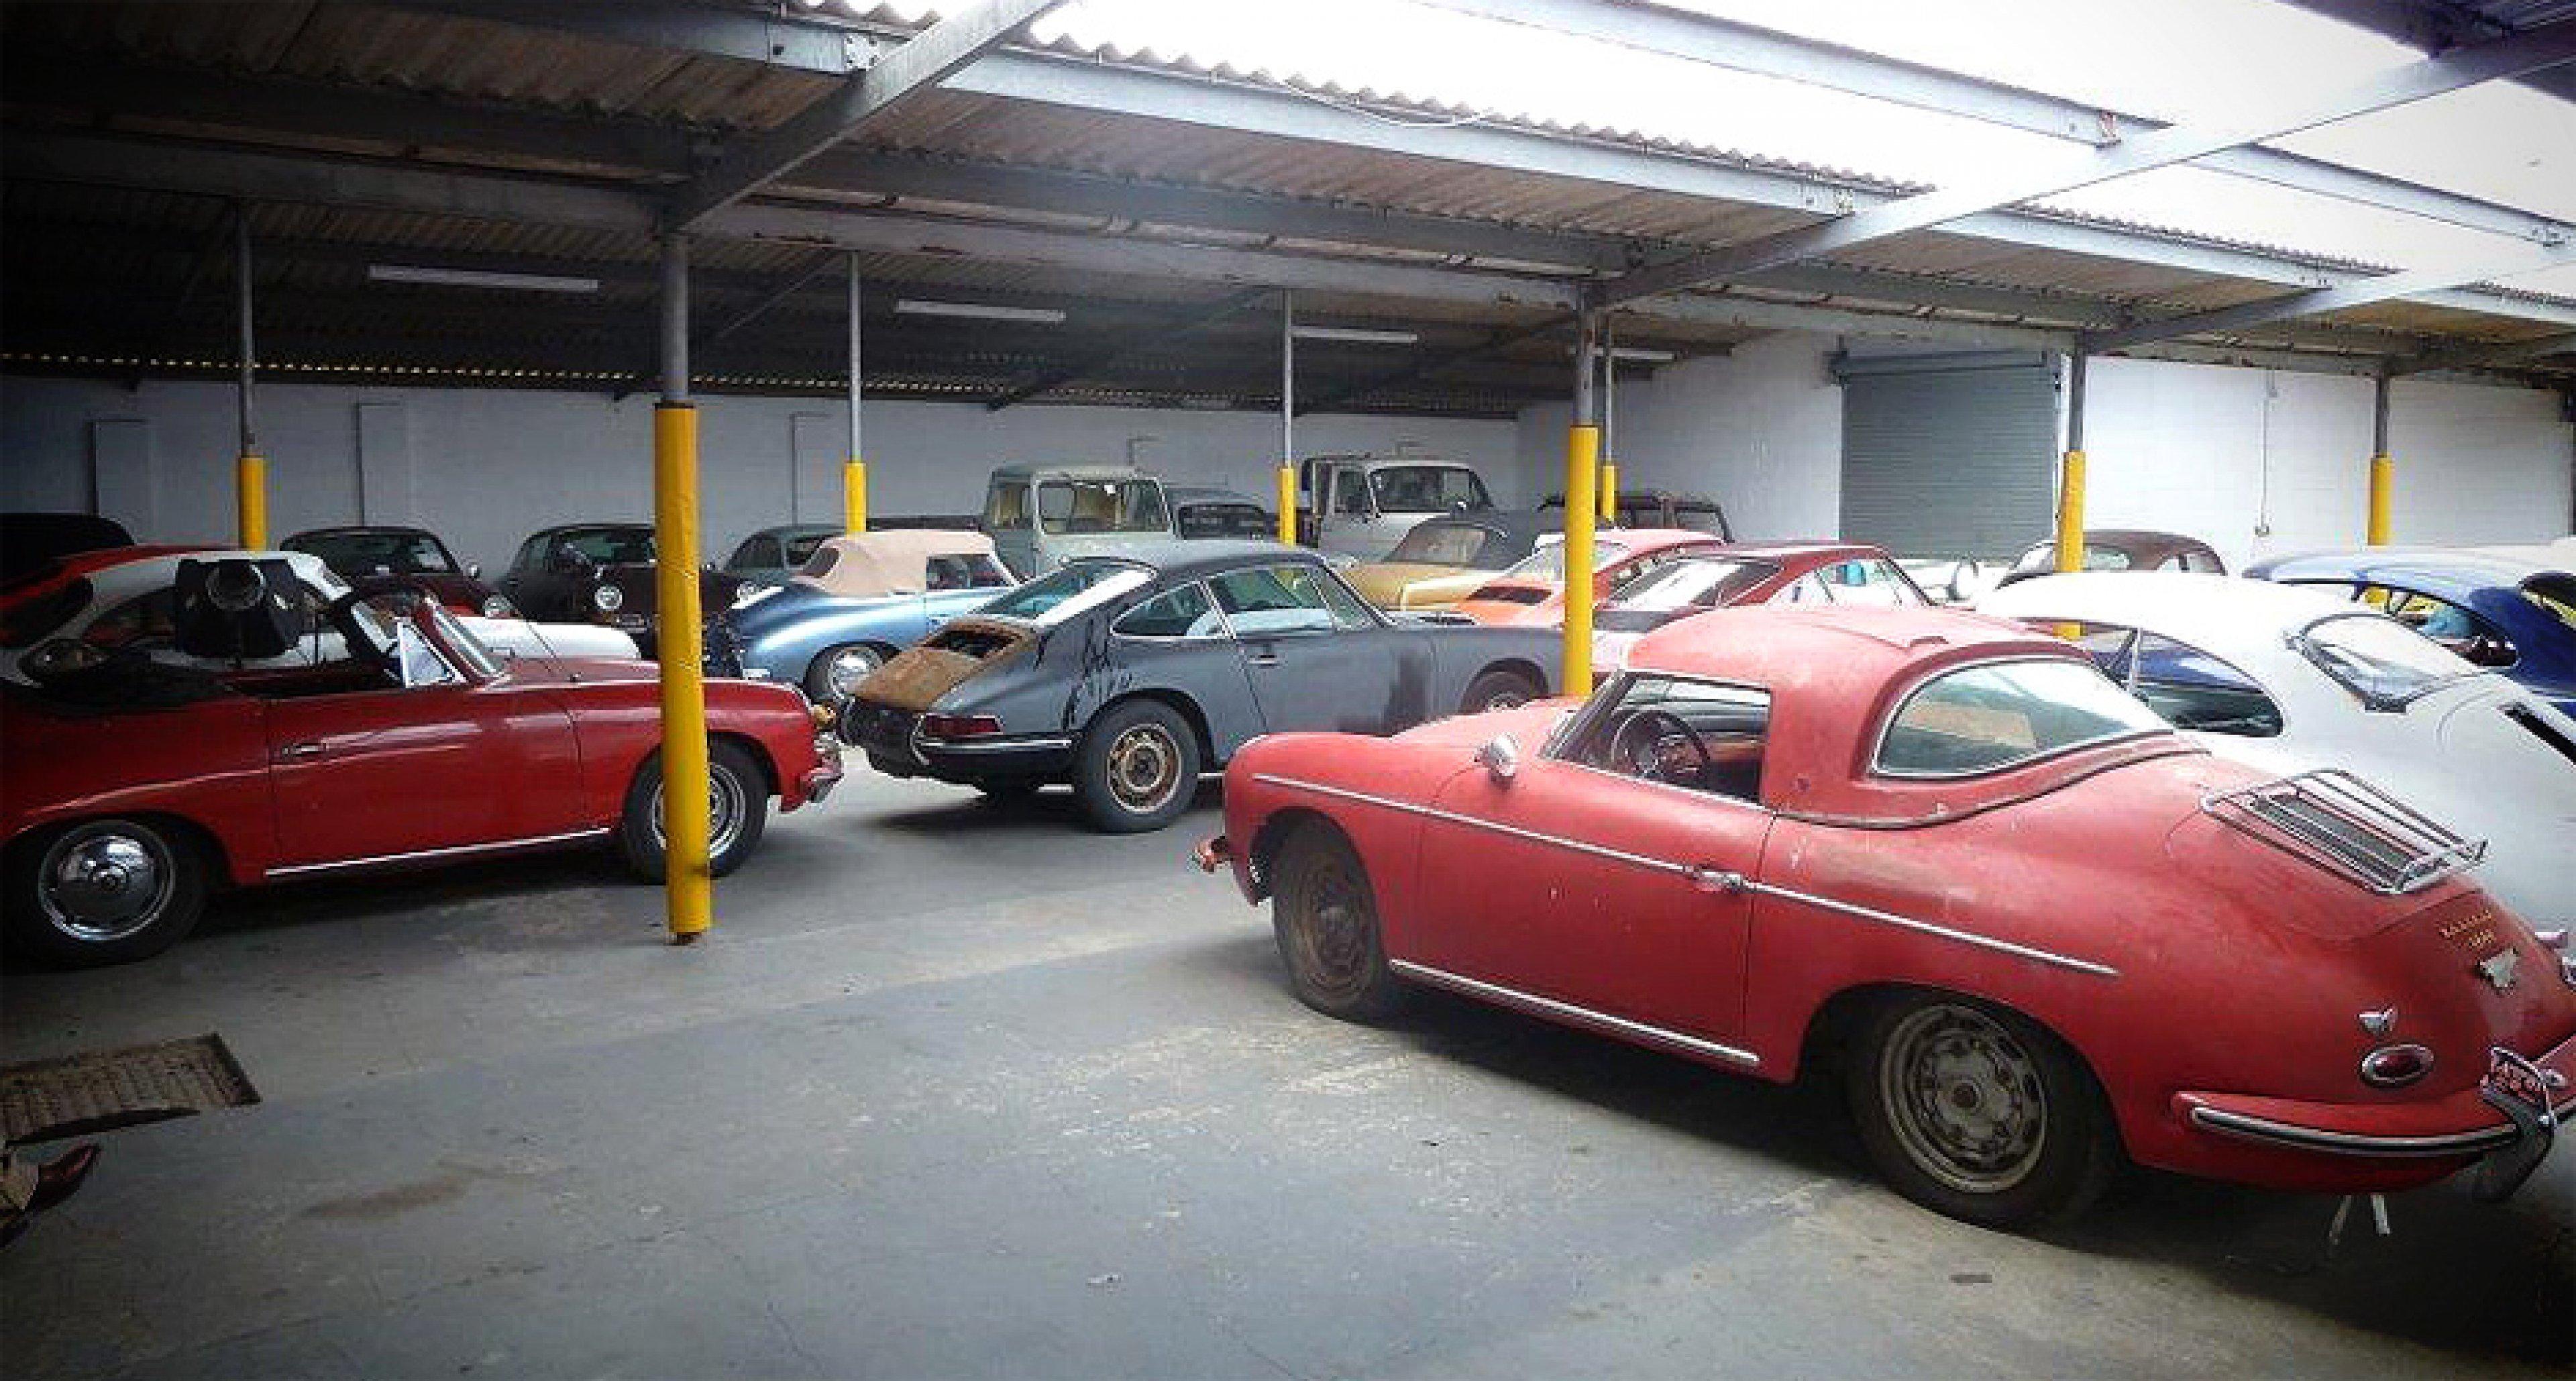 Anglia Car Auction 9 November 2013